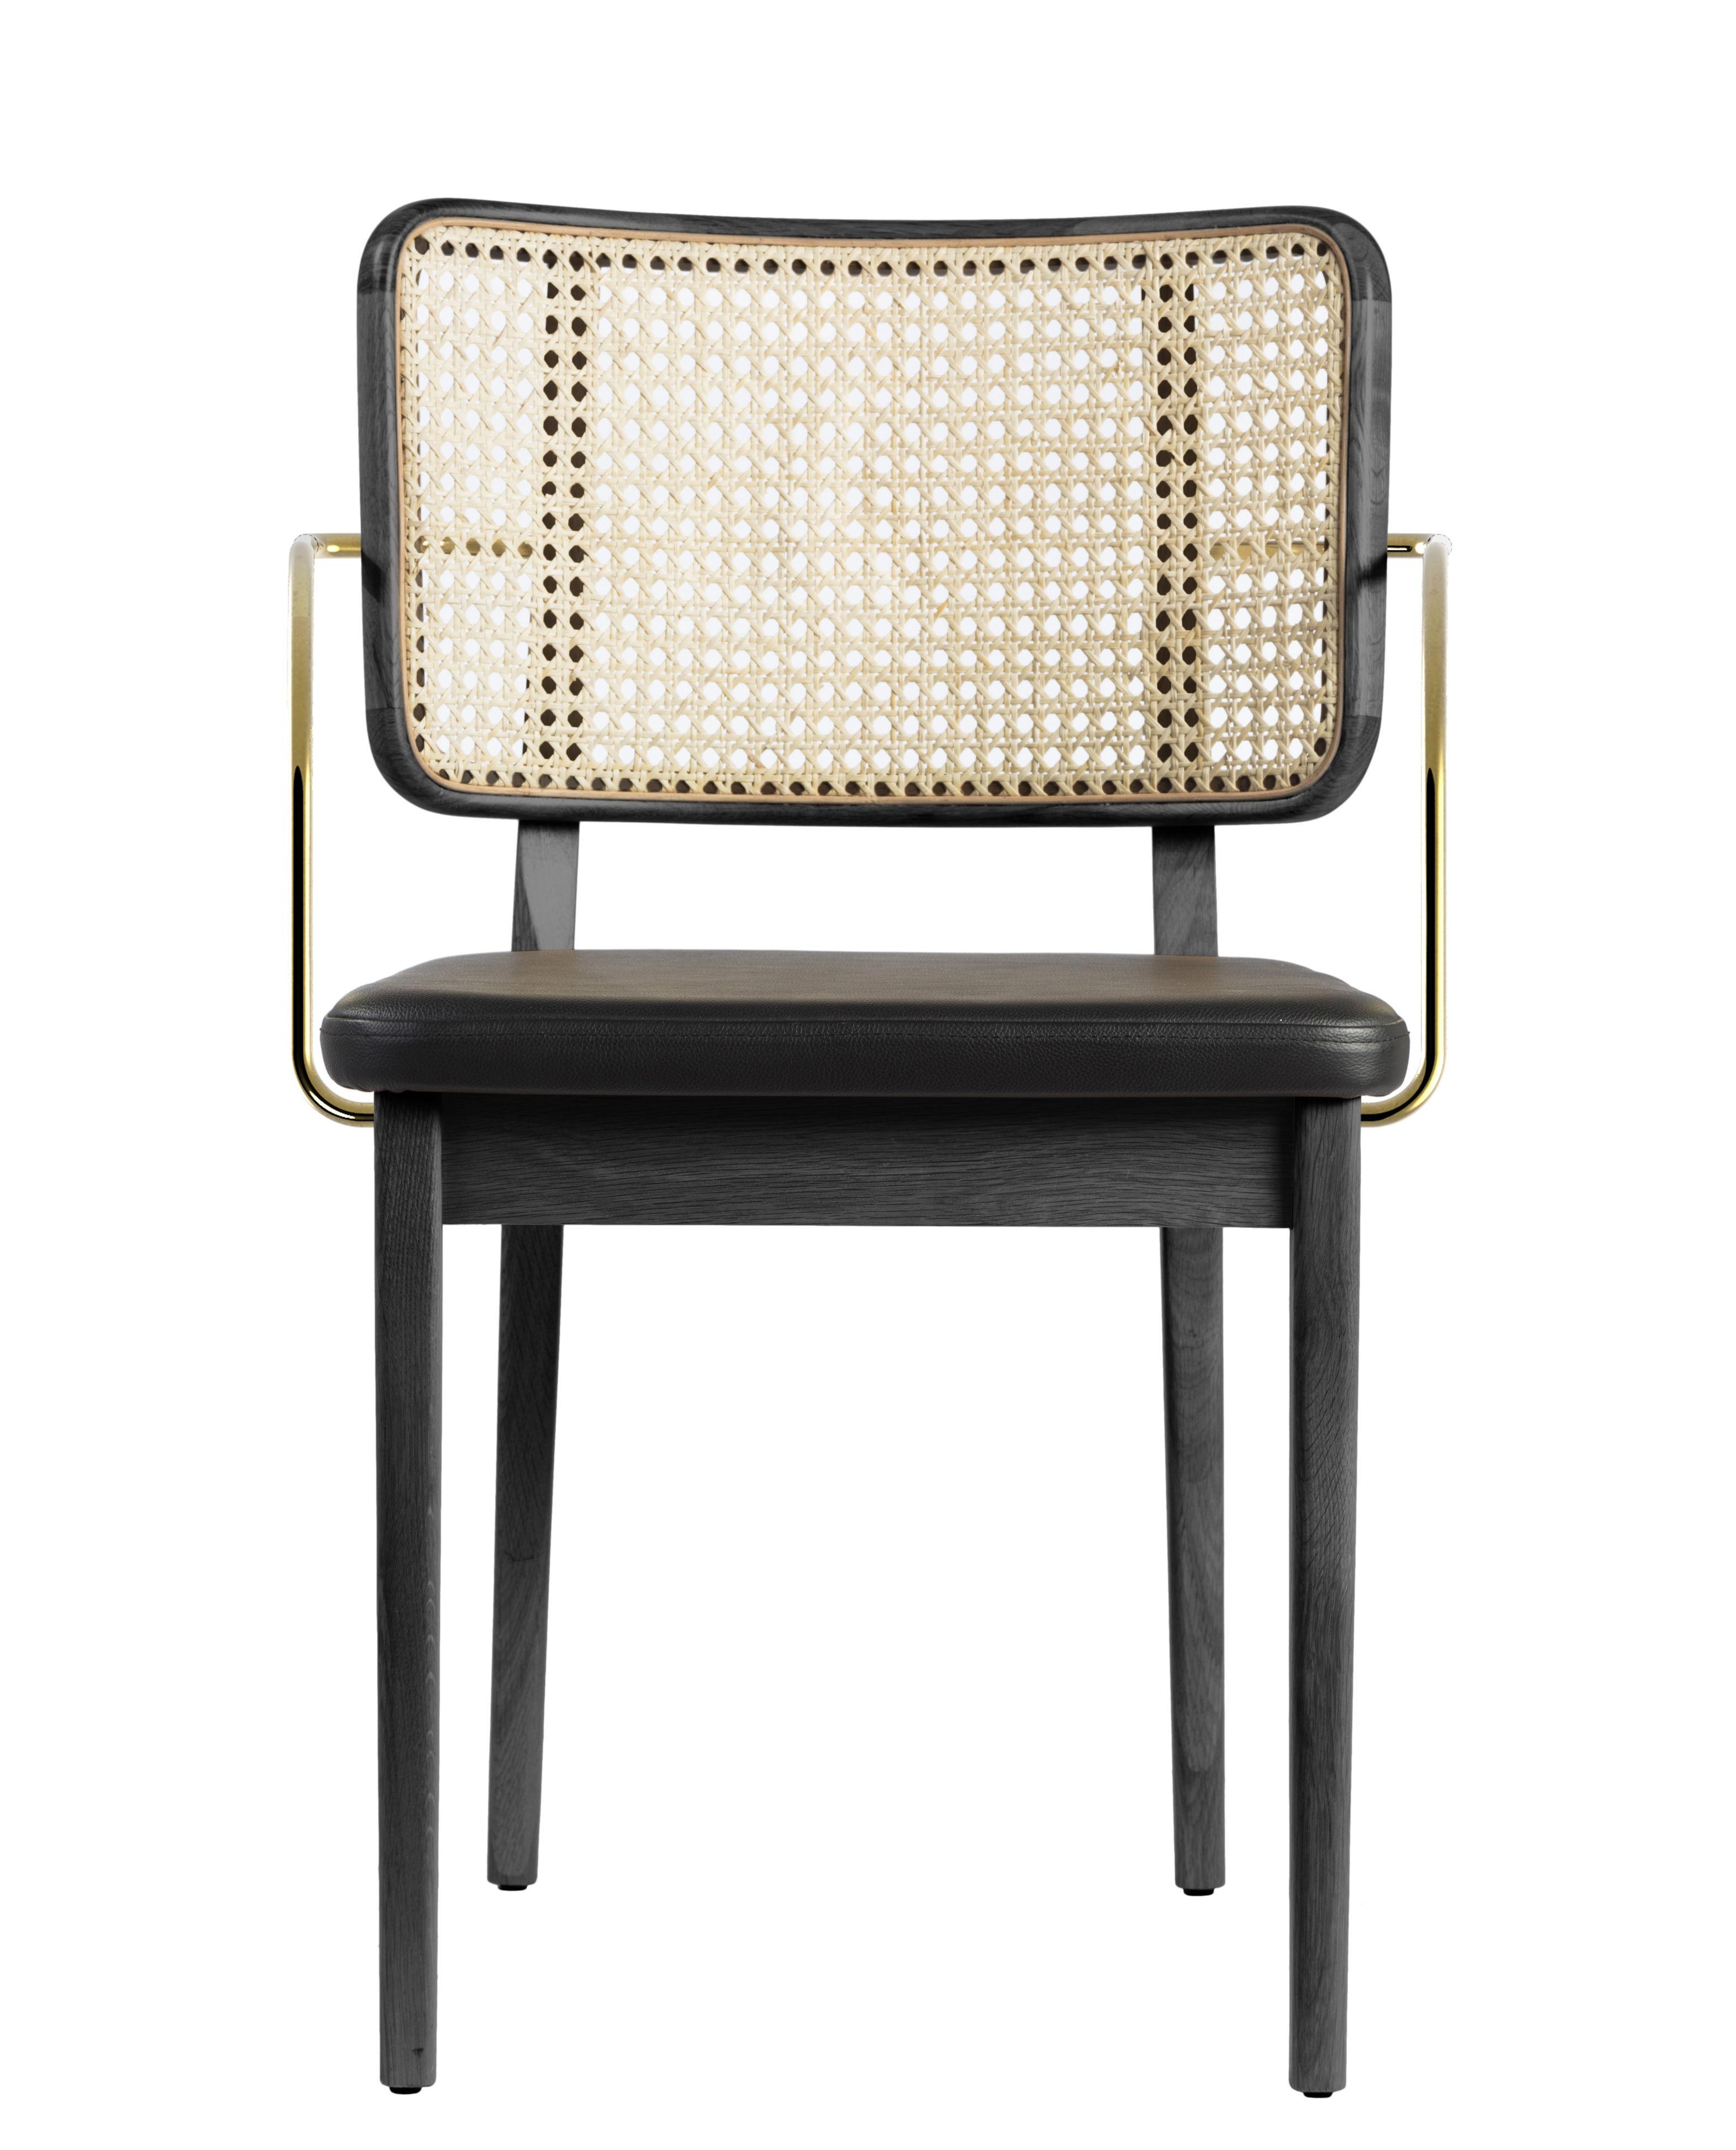 Mobilier - Chaises, fauteuils de salle à manger - Fauteuil bridge Cannage / Cuir - RED Edition - Noir / Naturel & laiton - Chêne massif teinté, Cuir, Laiton, Mousse, Rotin